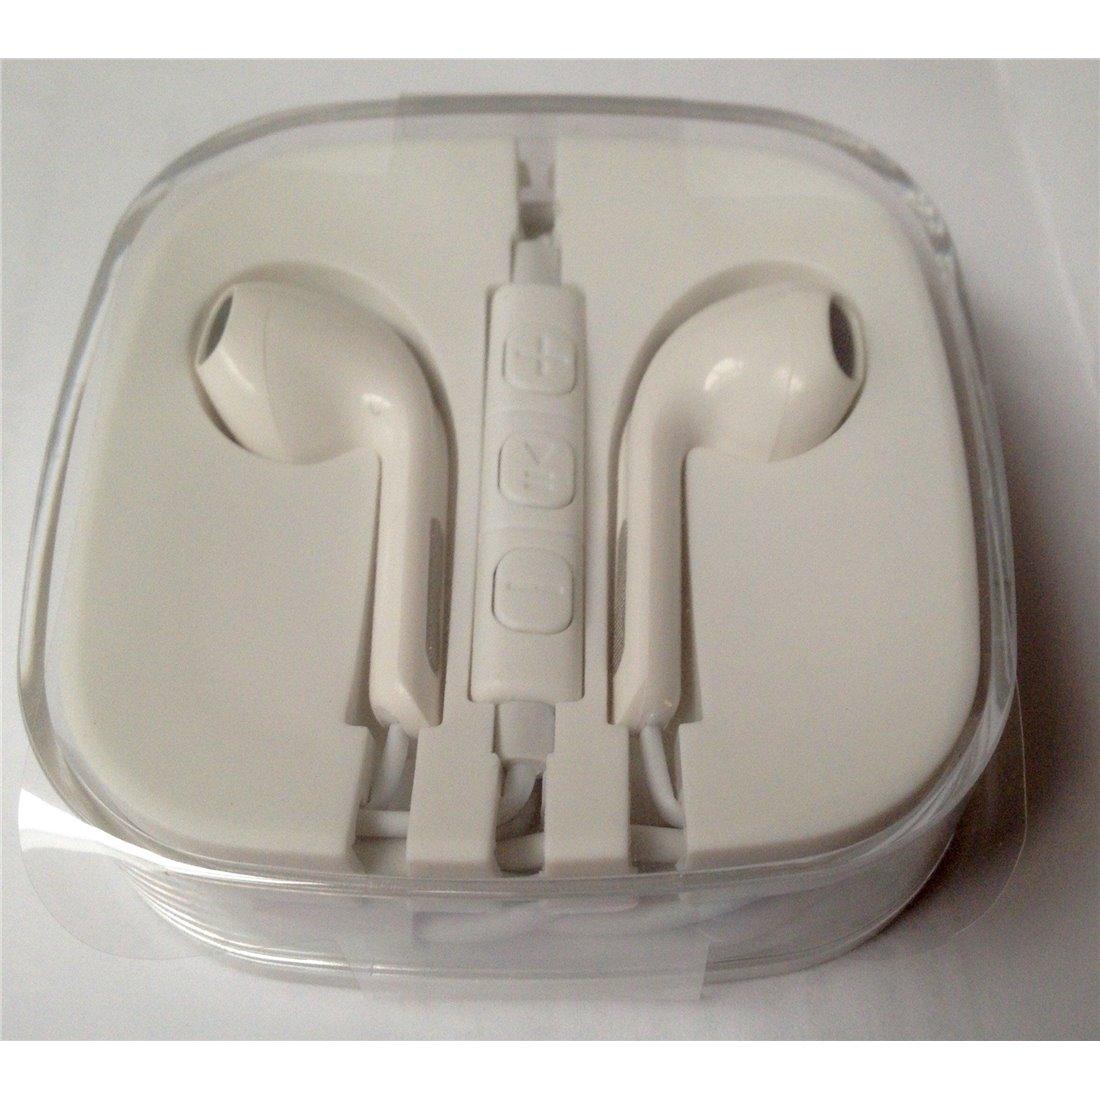 Mgs33 Ecouteurs intra-auriculaires HQ Compatible Blanc New Design Avec Fonction Kit Main Libre Pour téléphone , tablettes, Ip